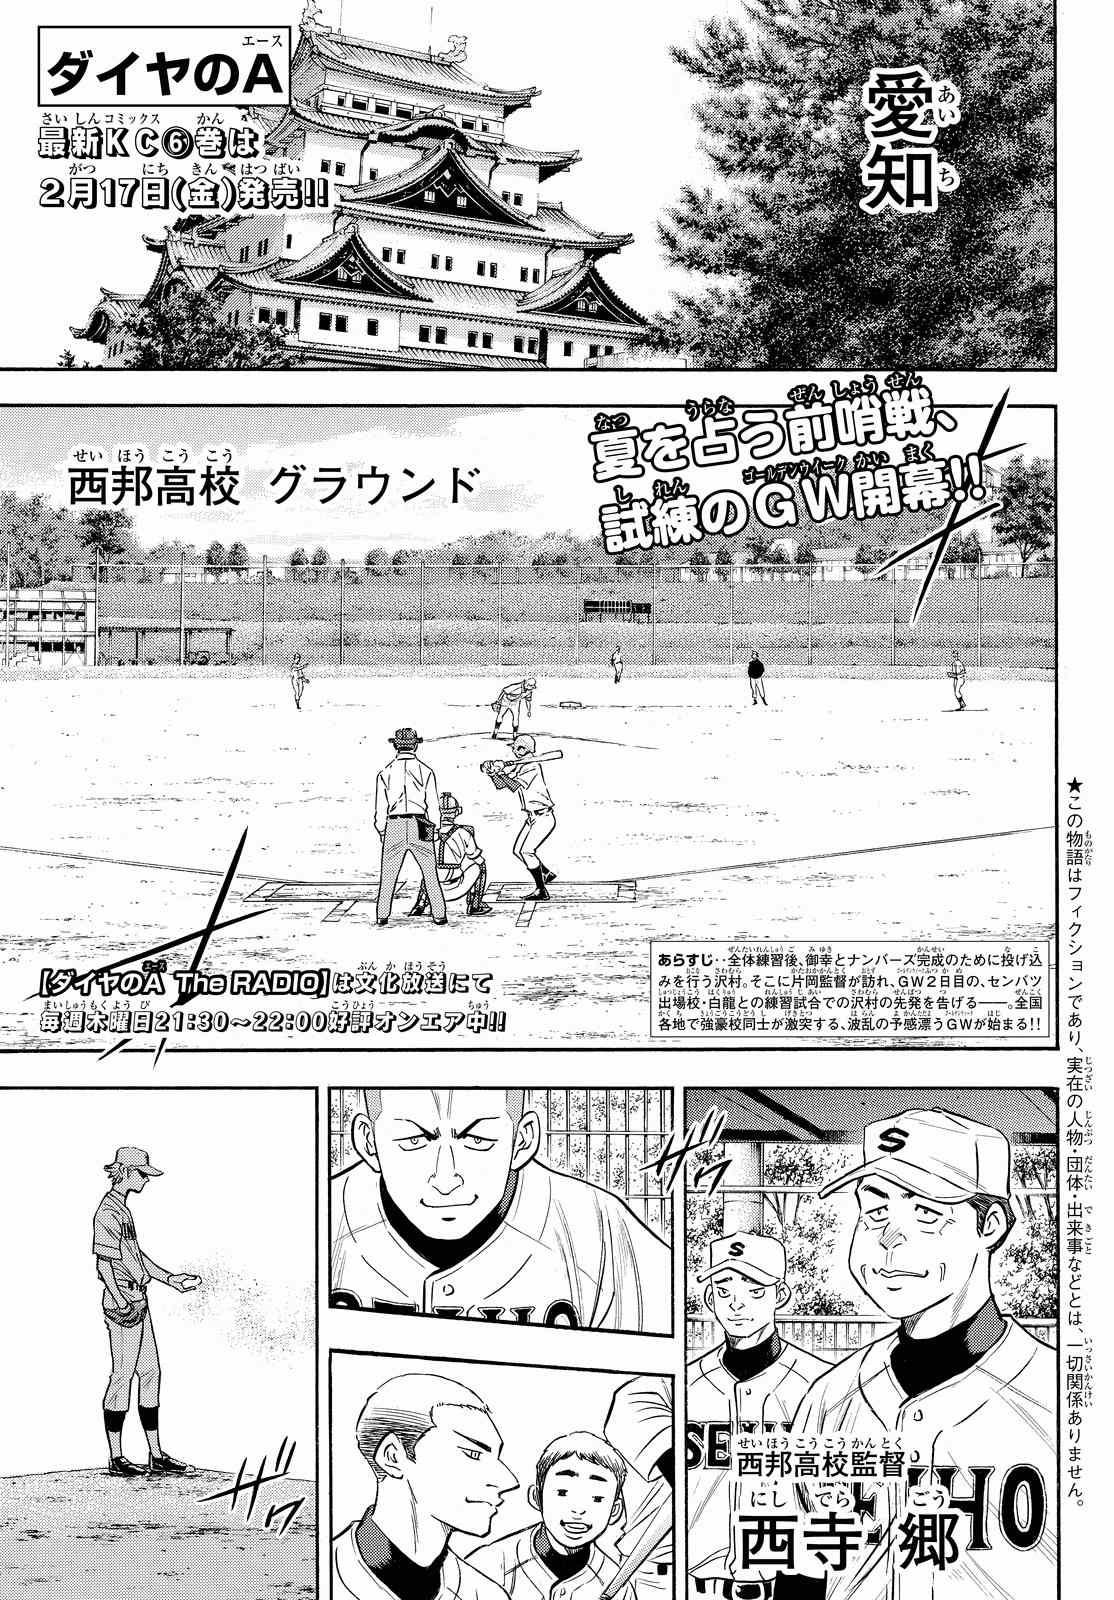 Daiya no A Act II - Chapter 064 - Page 1